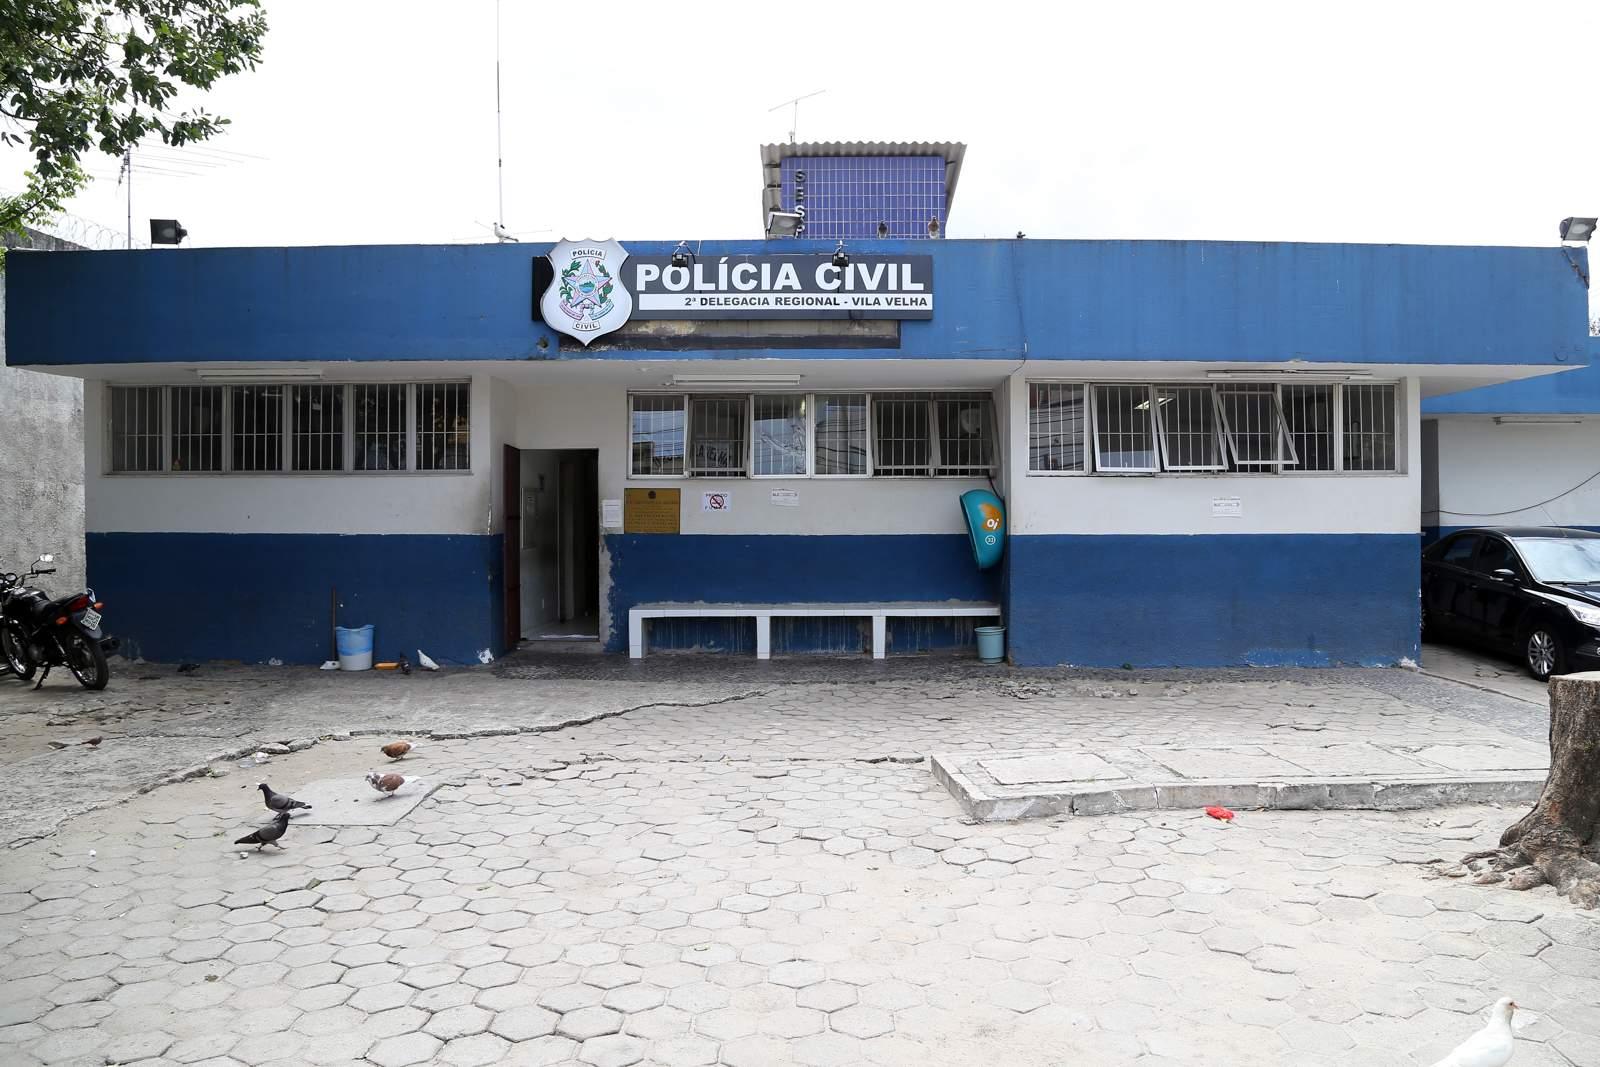 Confusão entre vizinhos termina com prisão de médica por desacato e lesão corporal, em Vila Velha – Folha Vitória